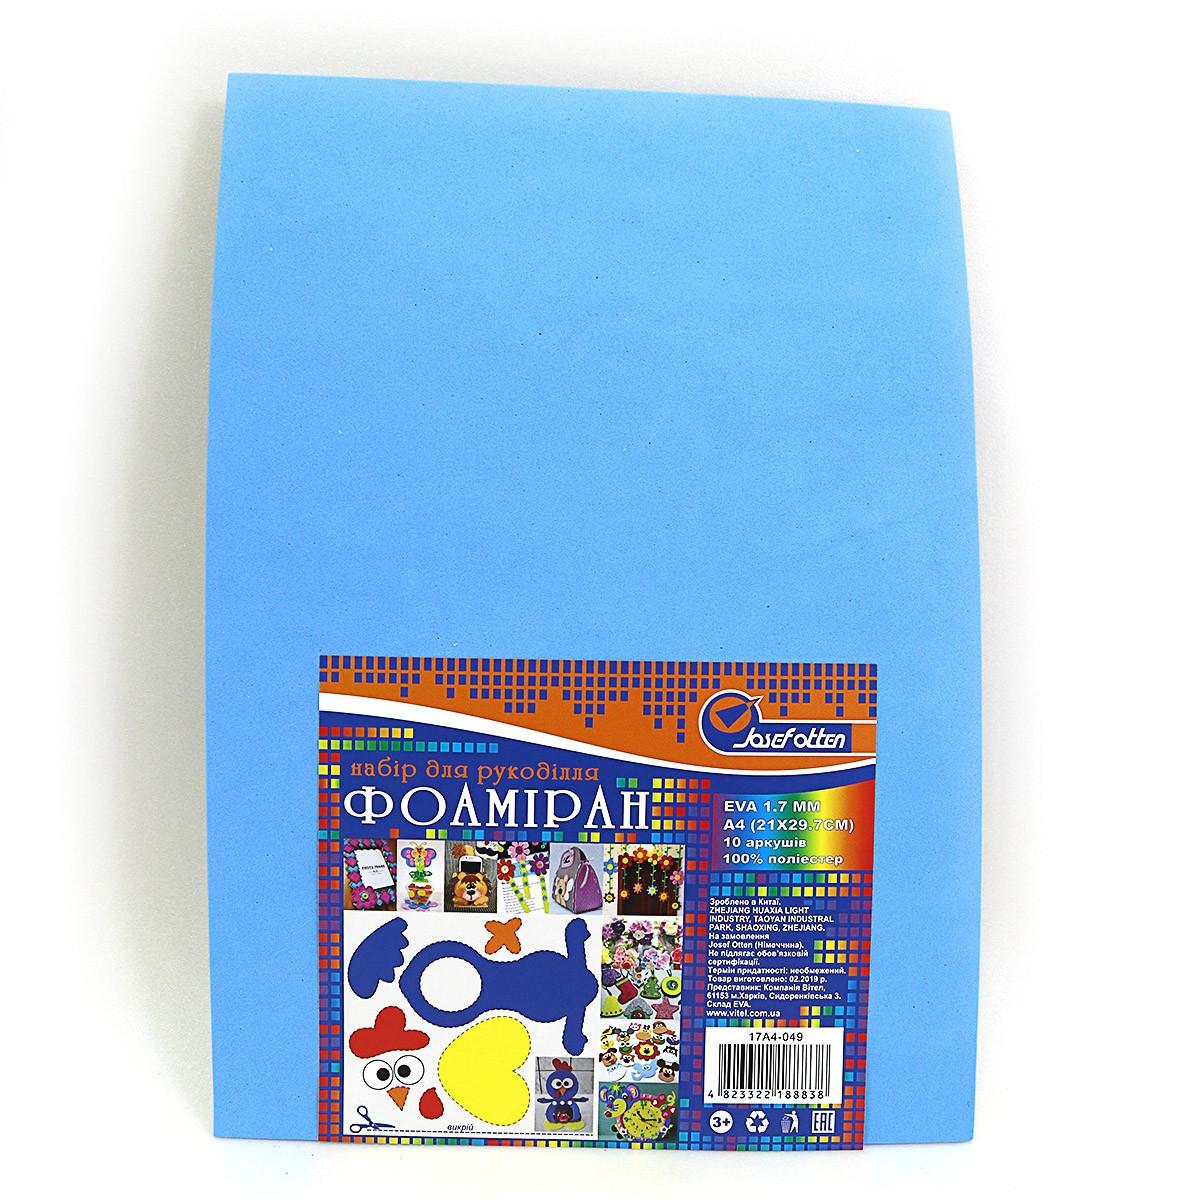 Фоамиран Голубой темный (21*29,7) 1,7mm 10уп HQ № 17A4-049